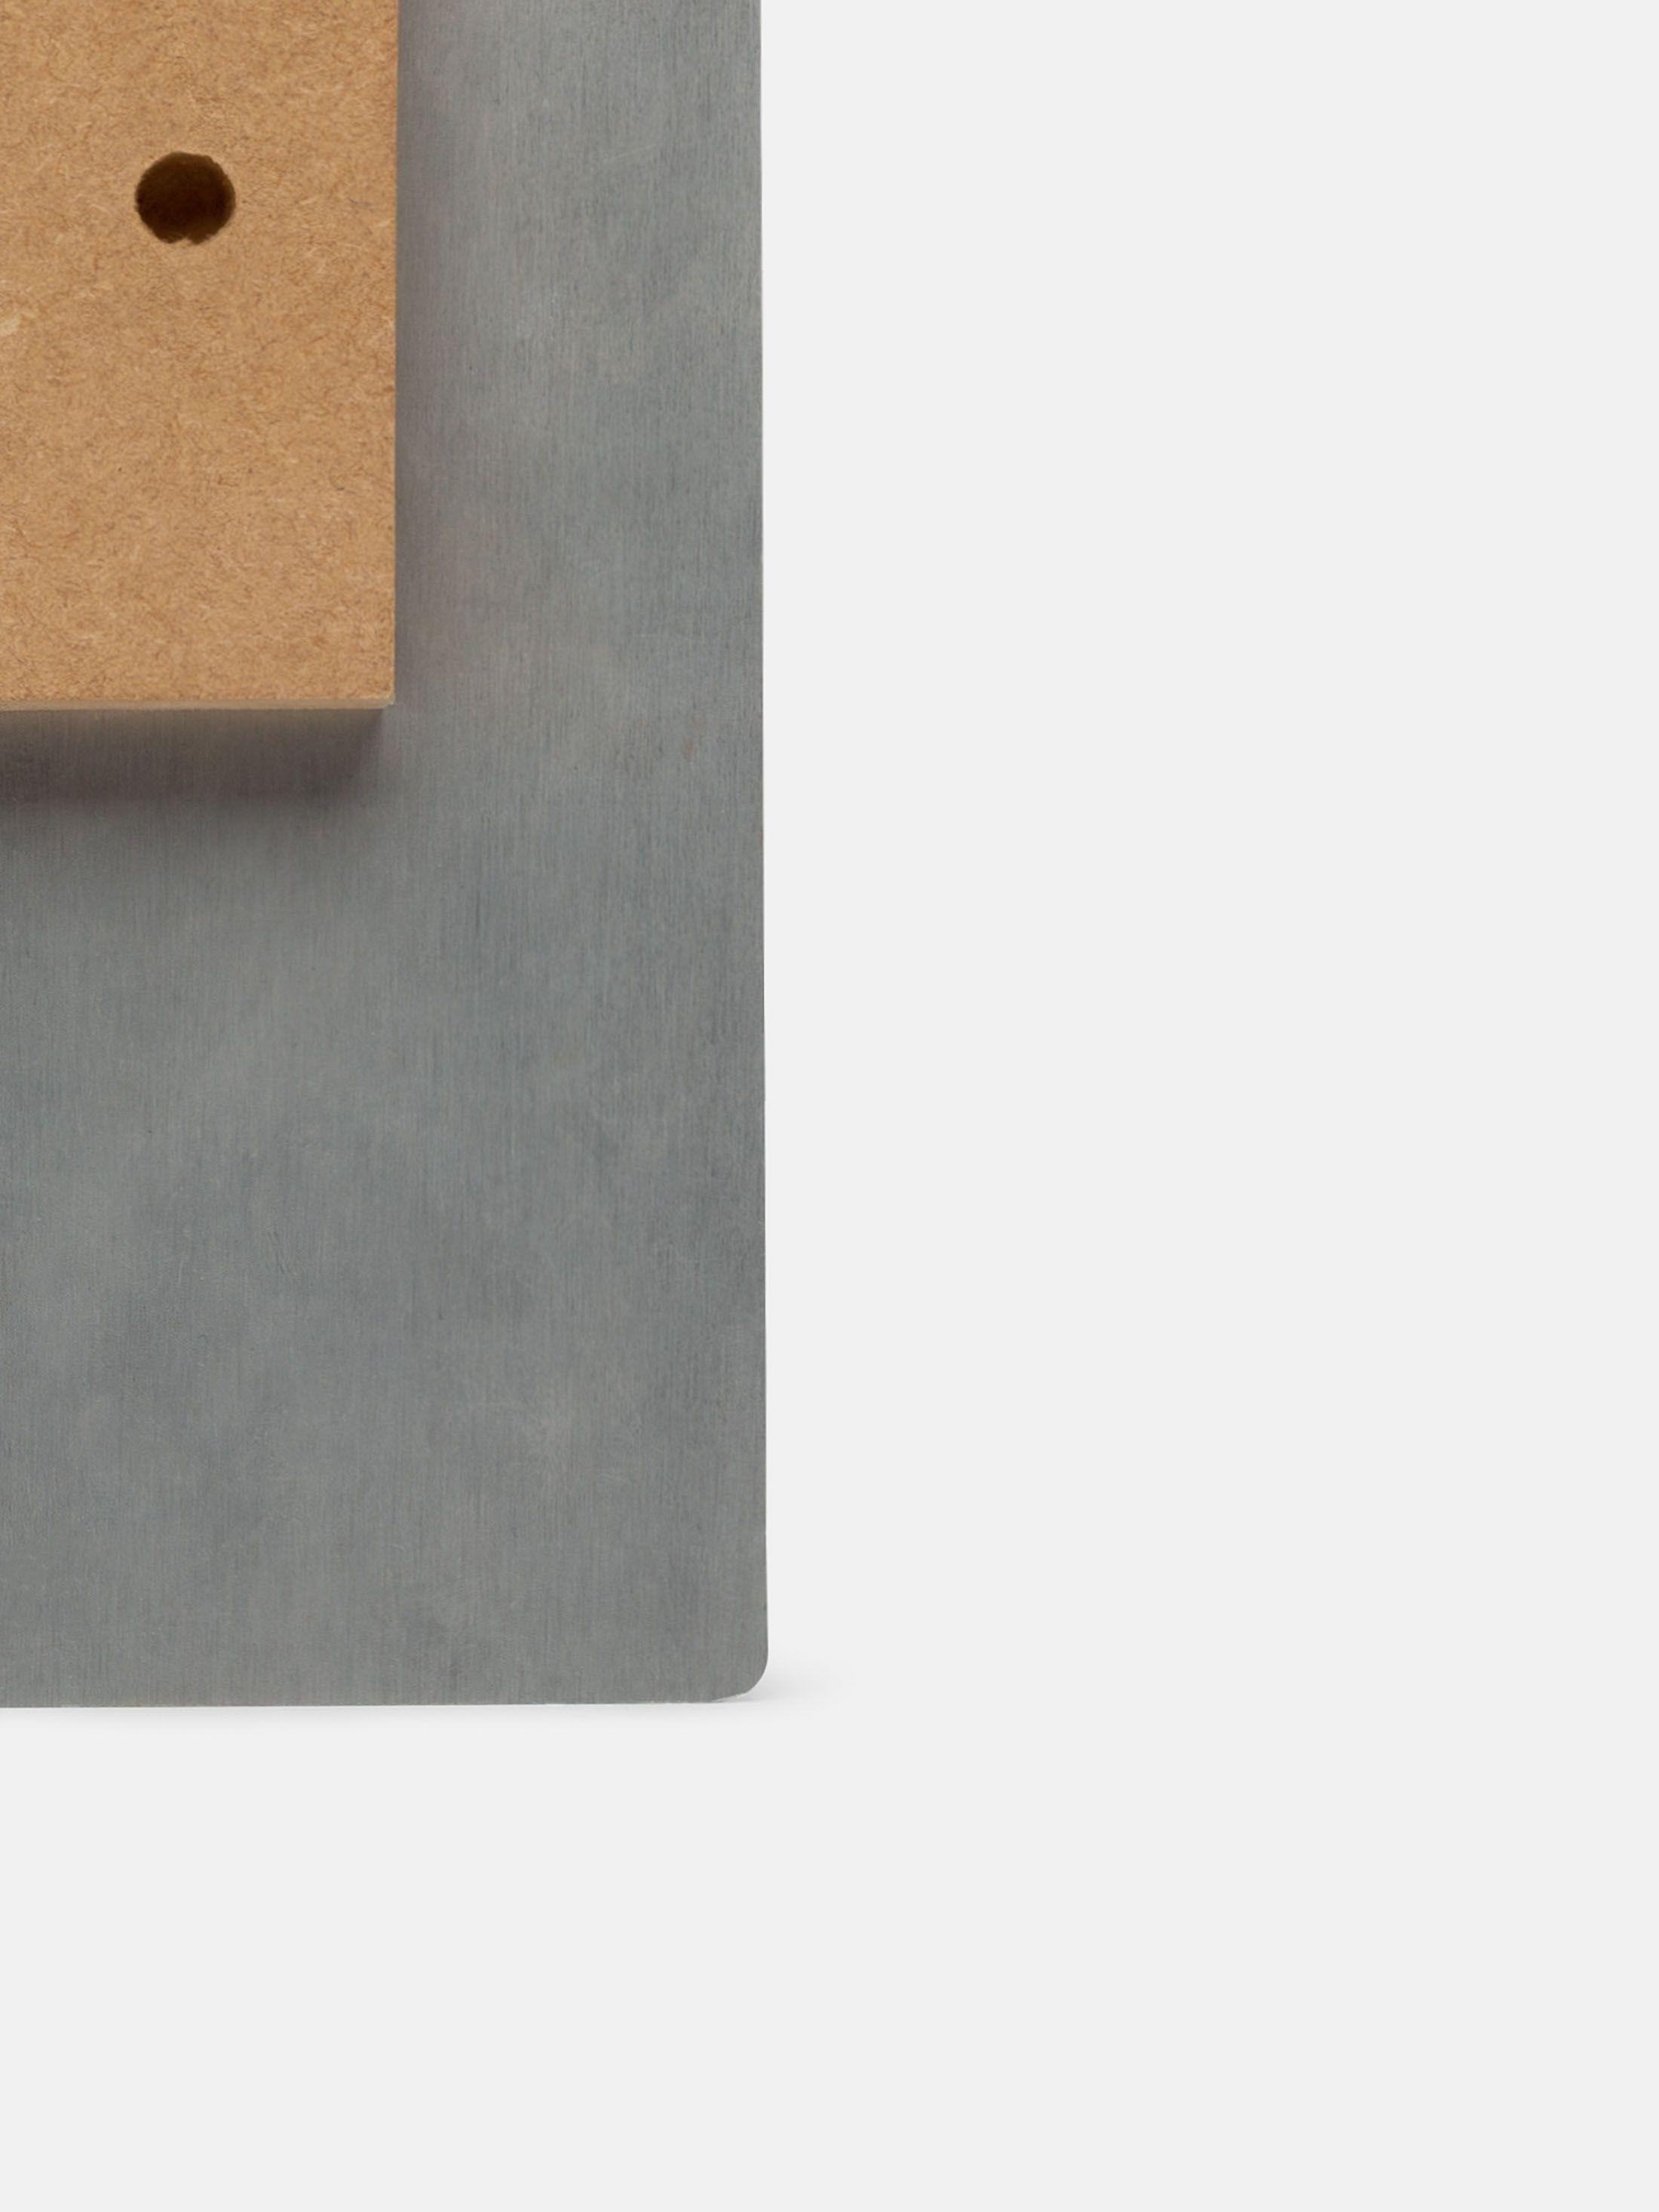 eigene bilder auf aluminium drucken